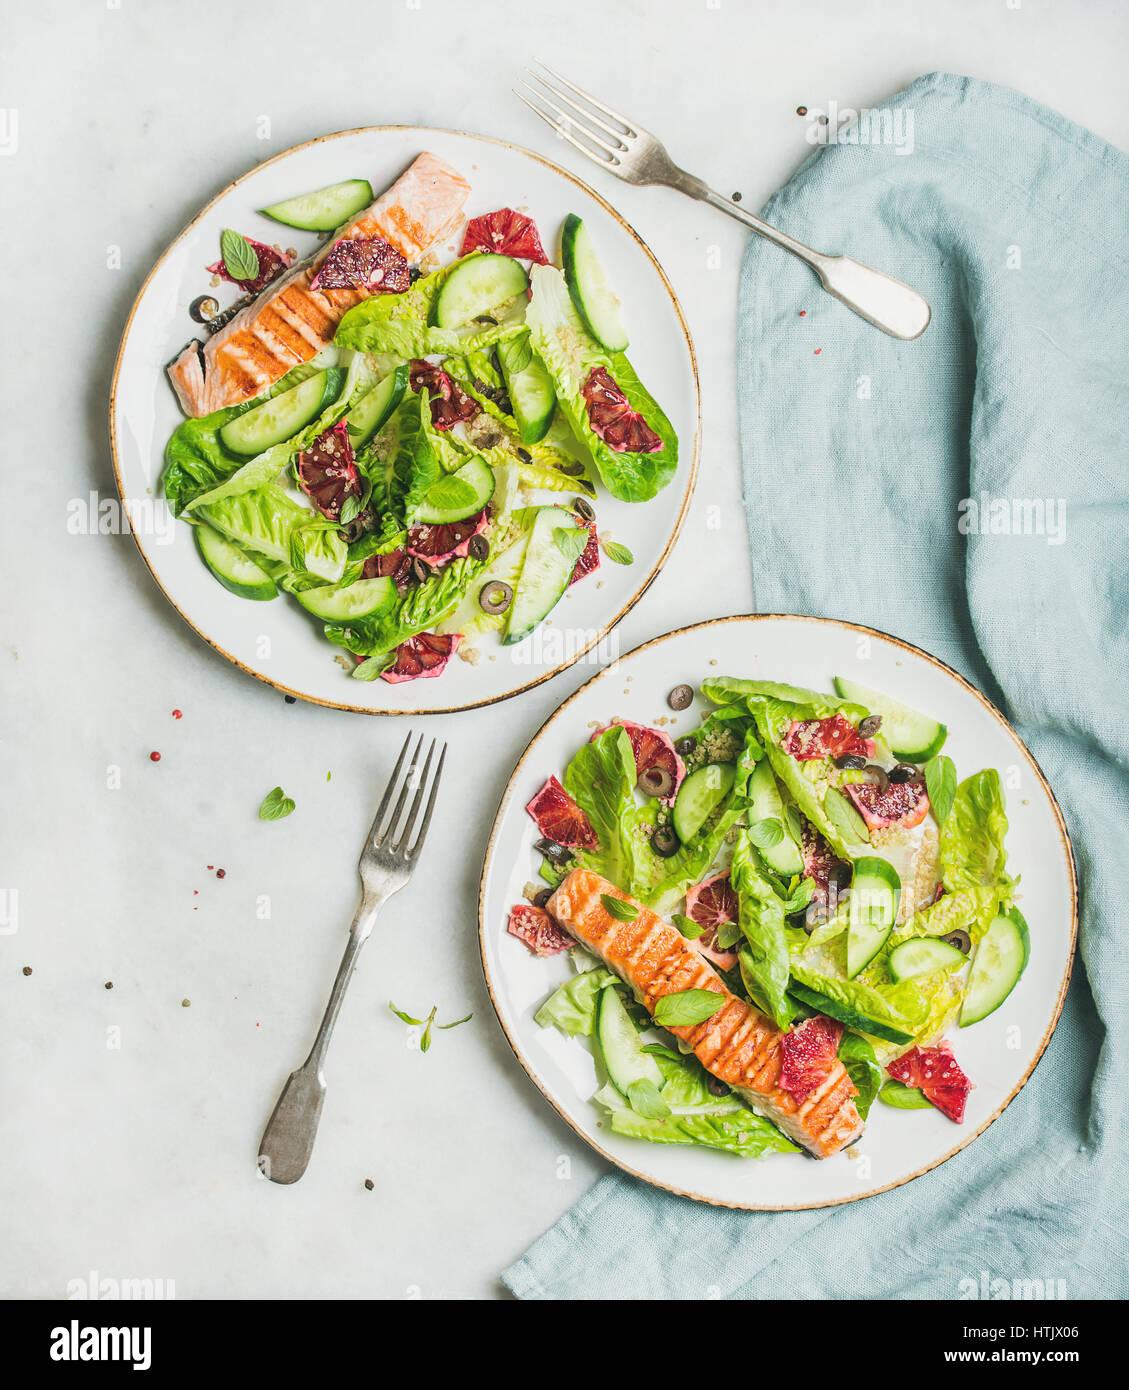 Una sana insalata primaverile con il salmone grigliato, arancio, olive e la quinoa Immagini Stock